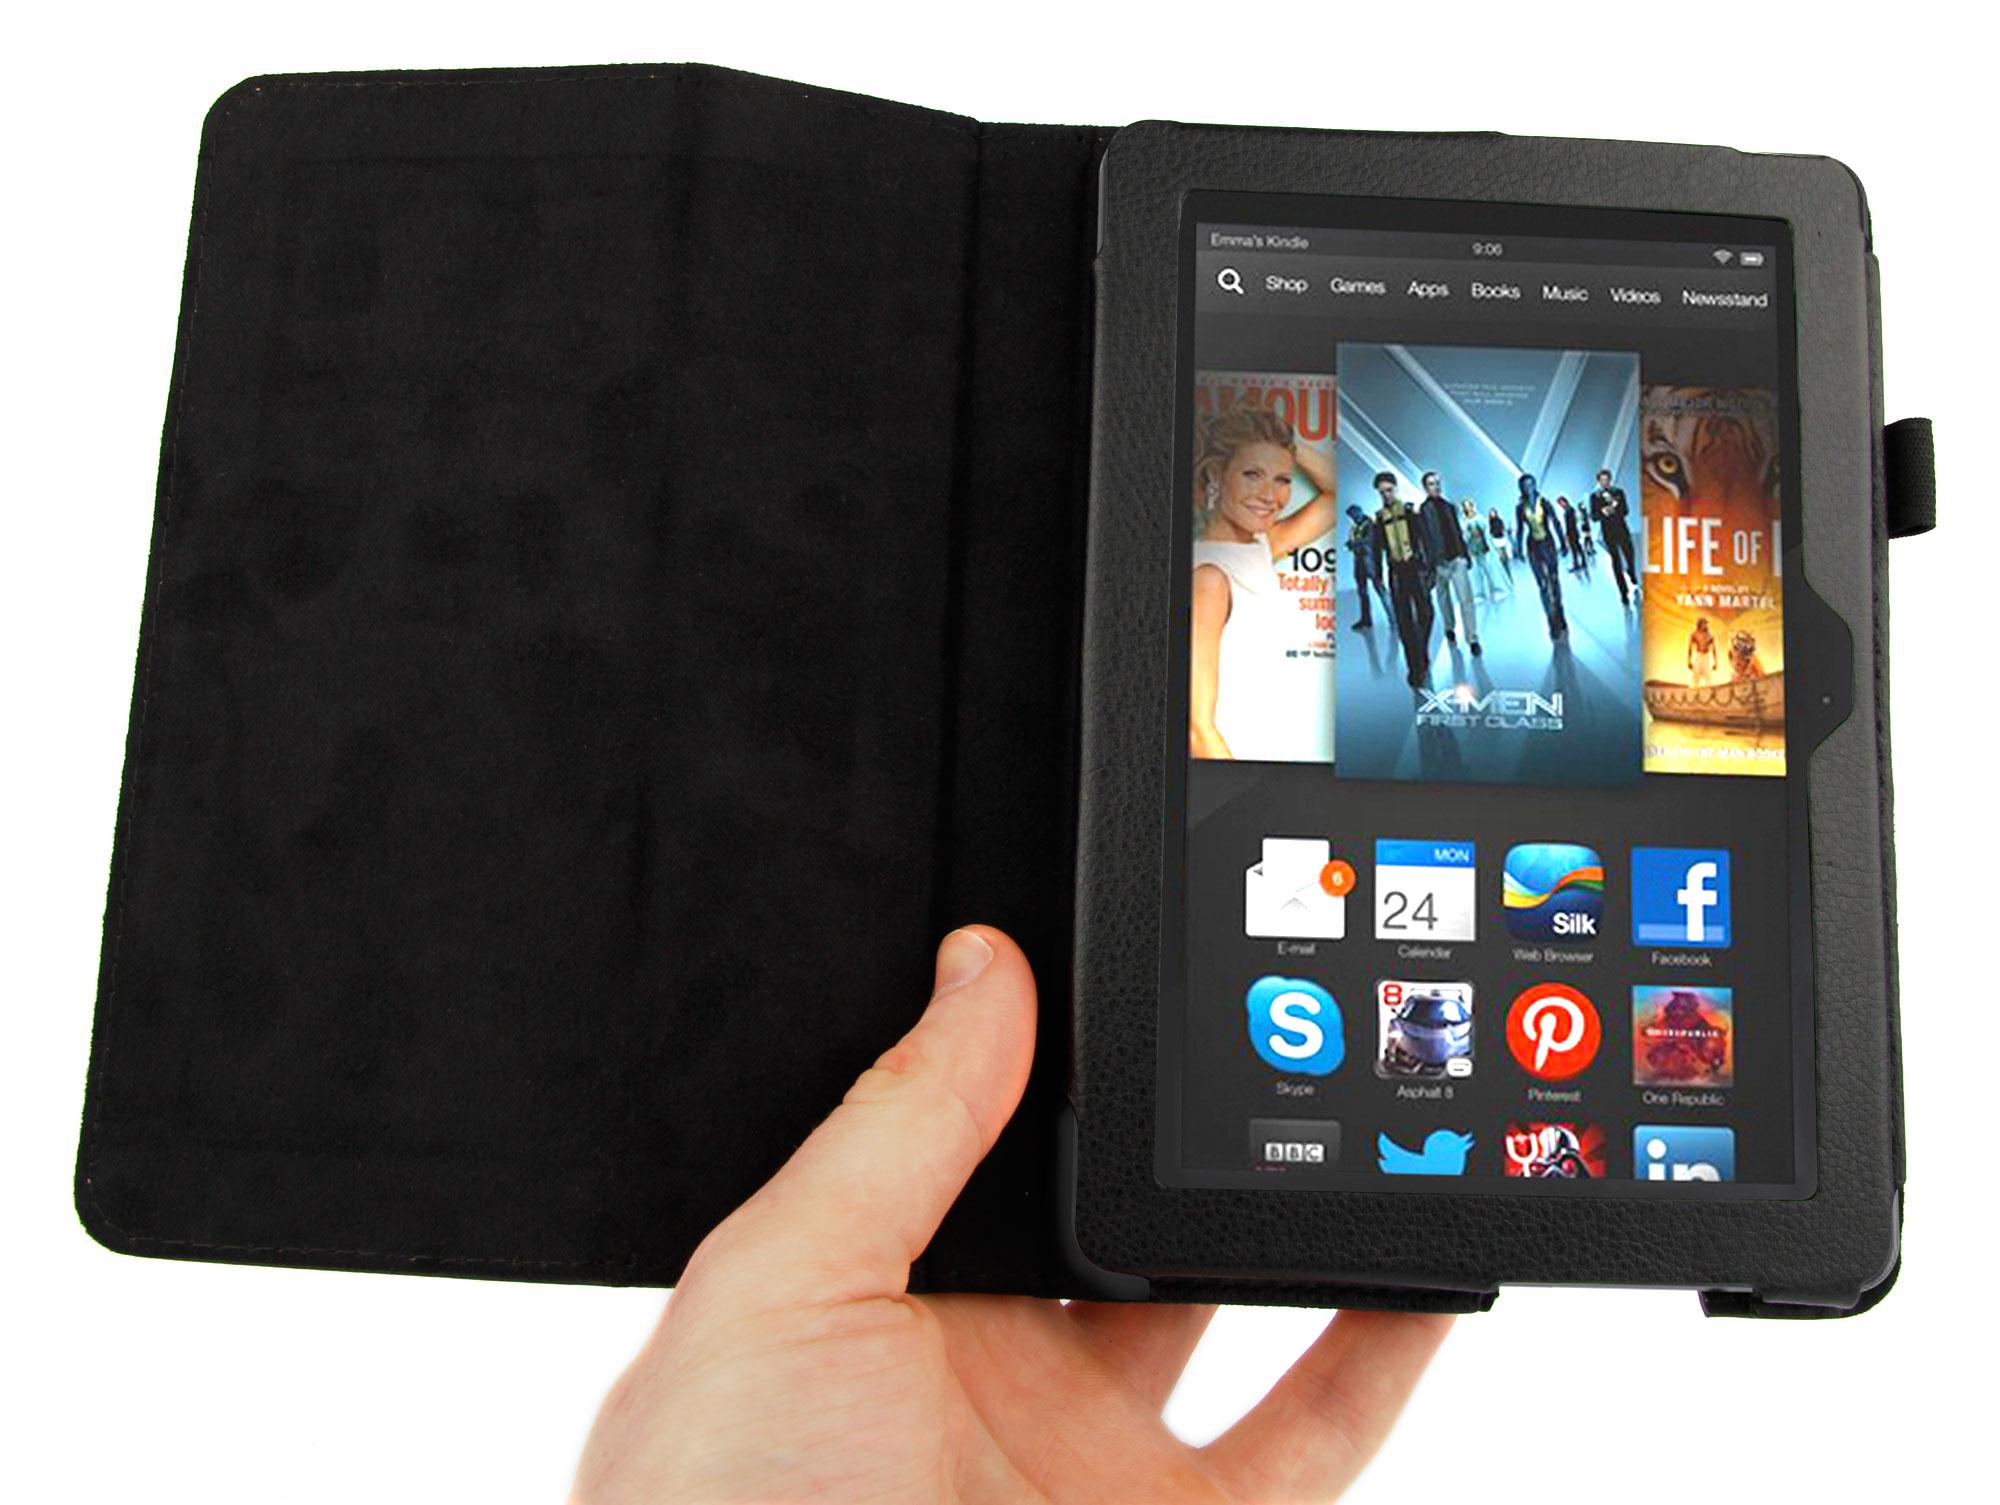 etui noir pour tablette tactile amazon kindle fire hdx 7. Black Bedroom Furniture Sets. Home Design Ideas